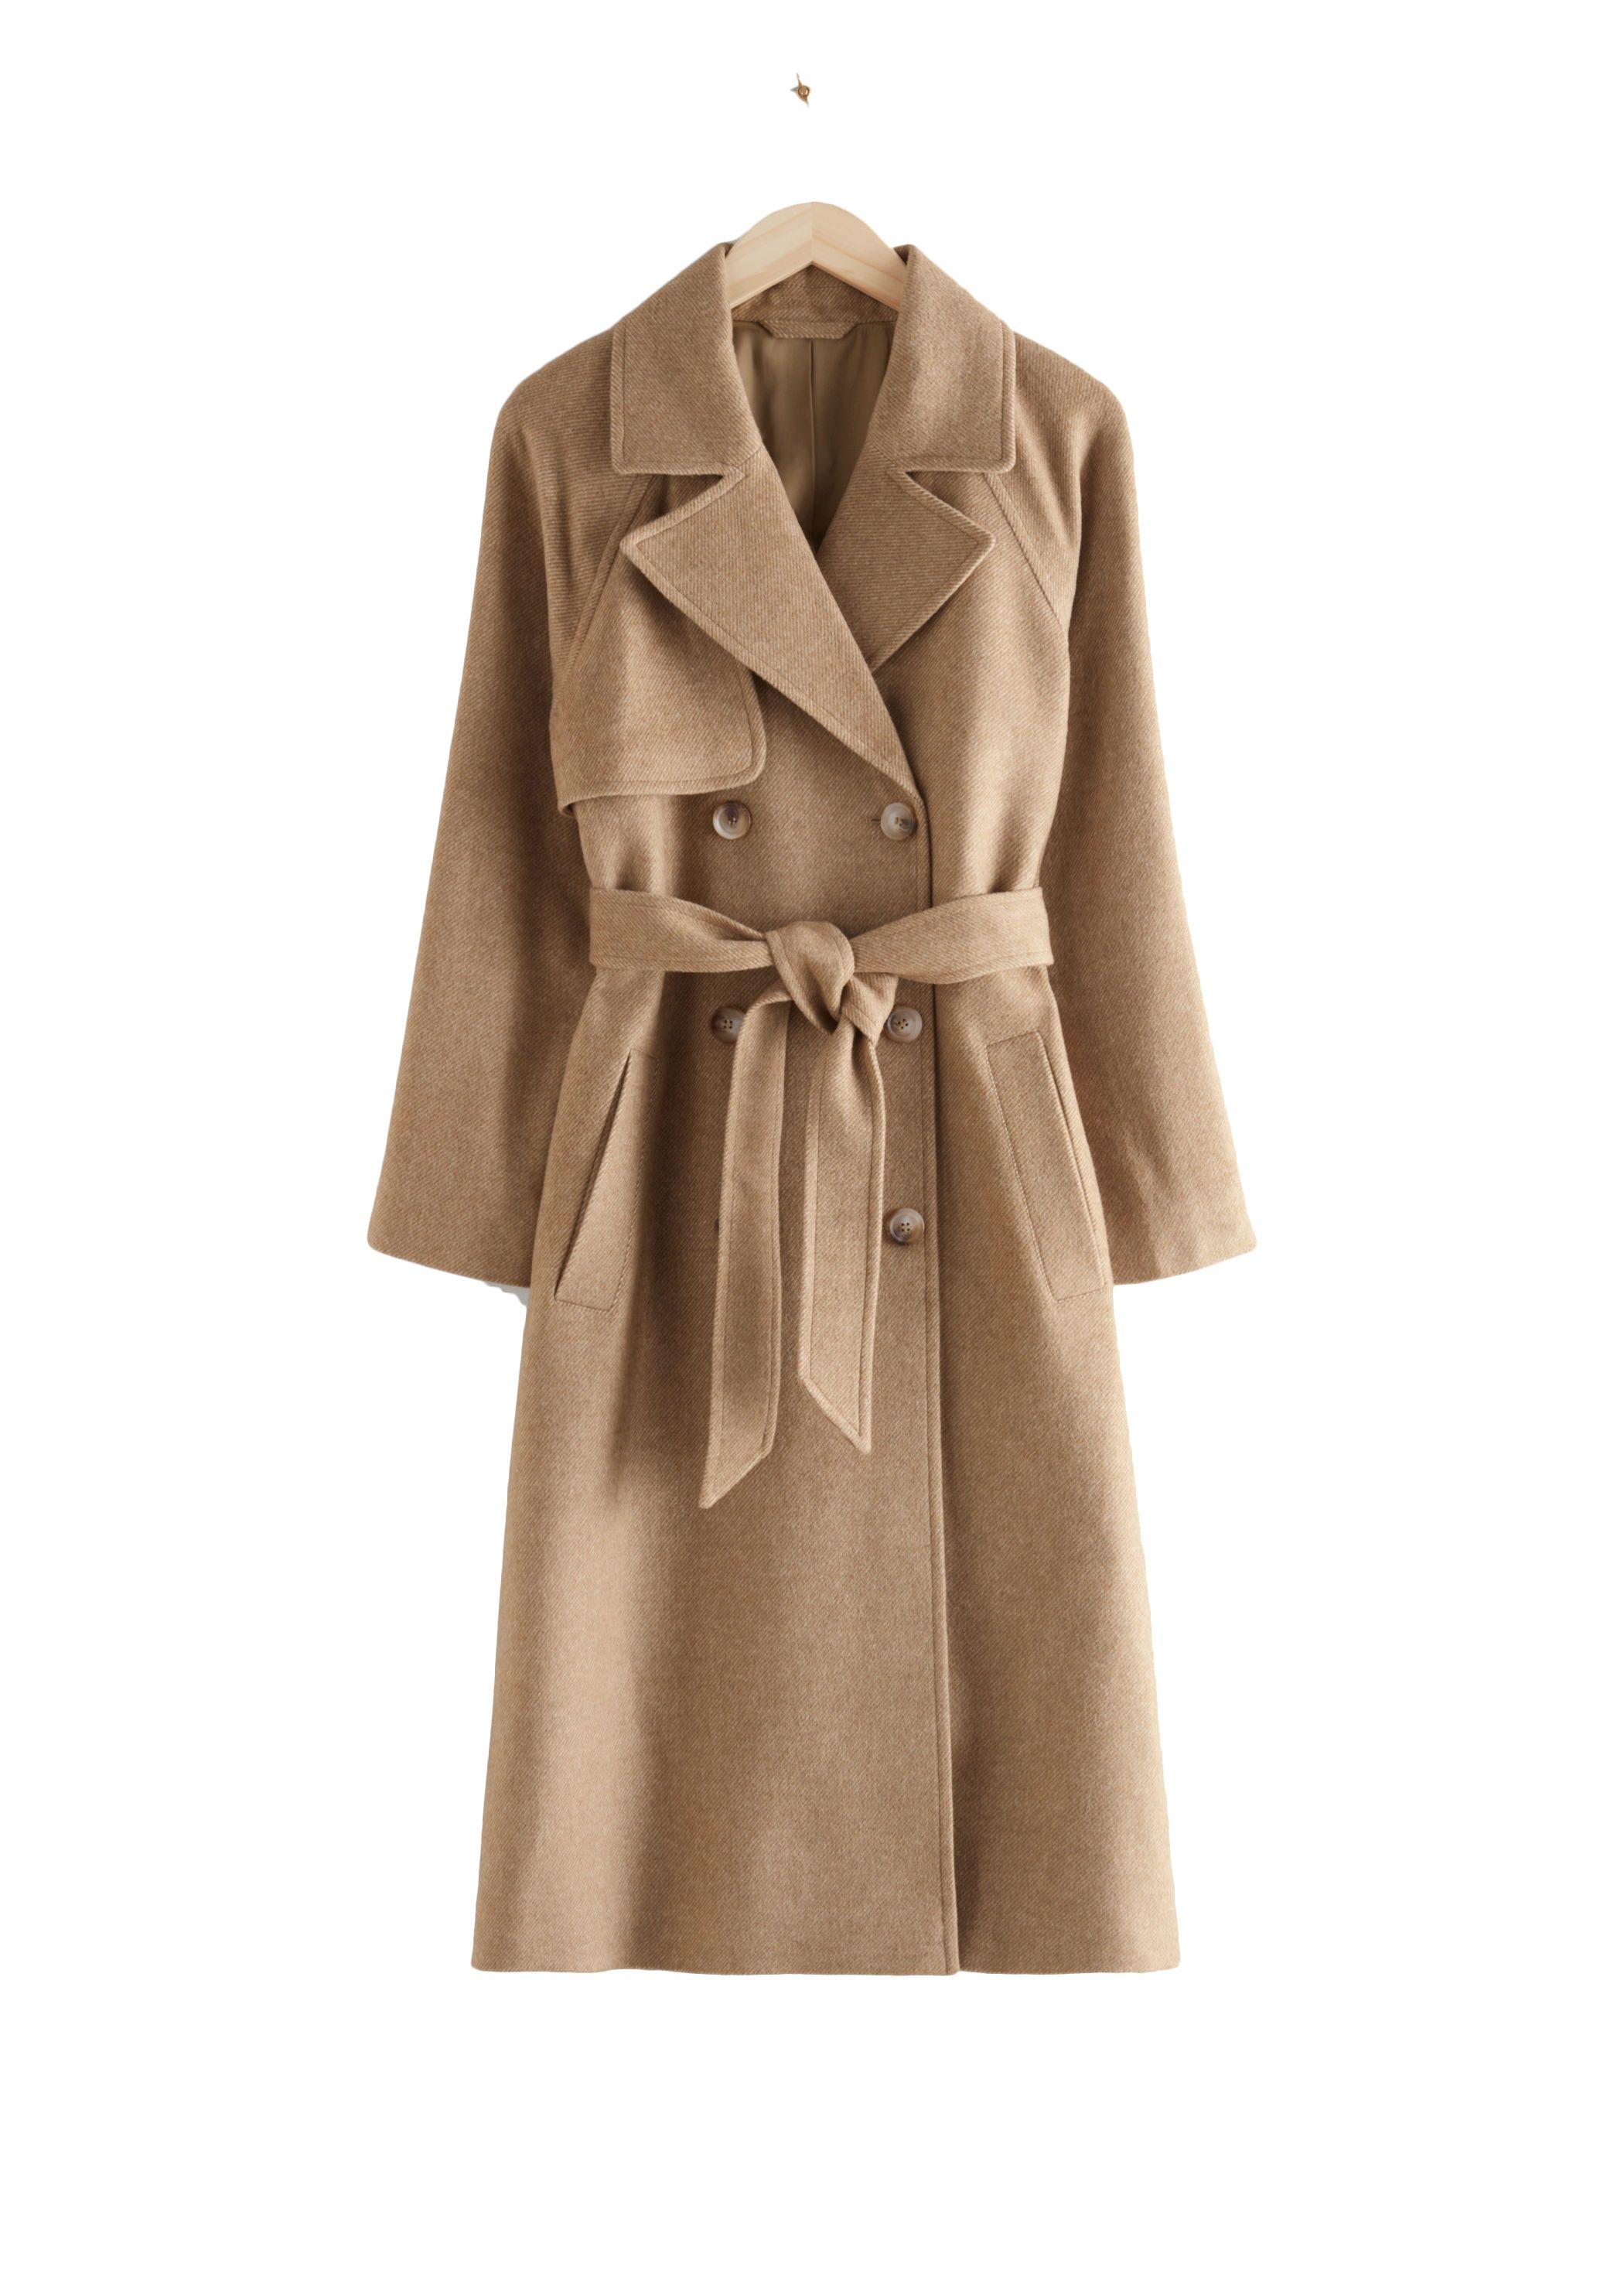 15 best camel coats for women to buy in 2020